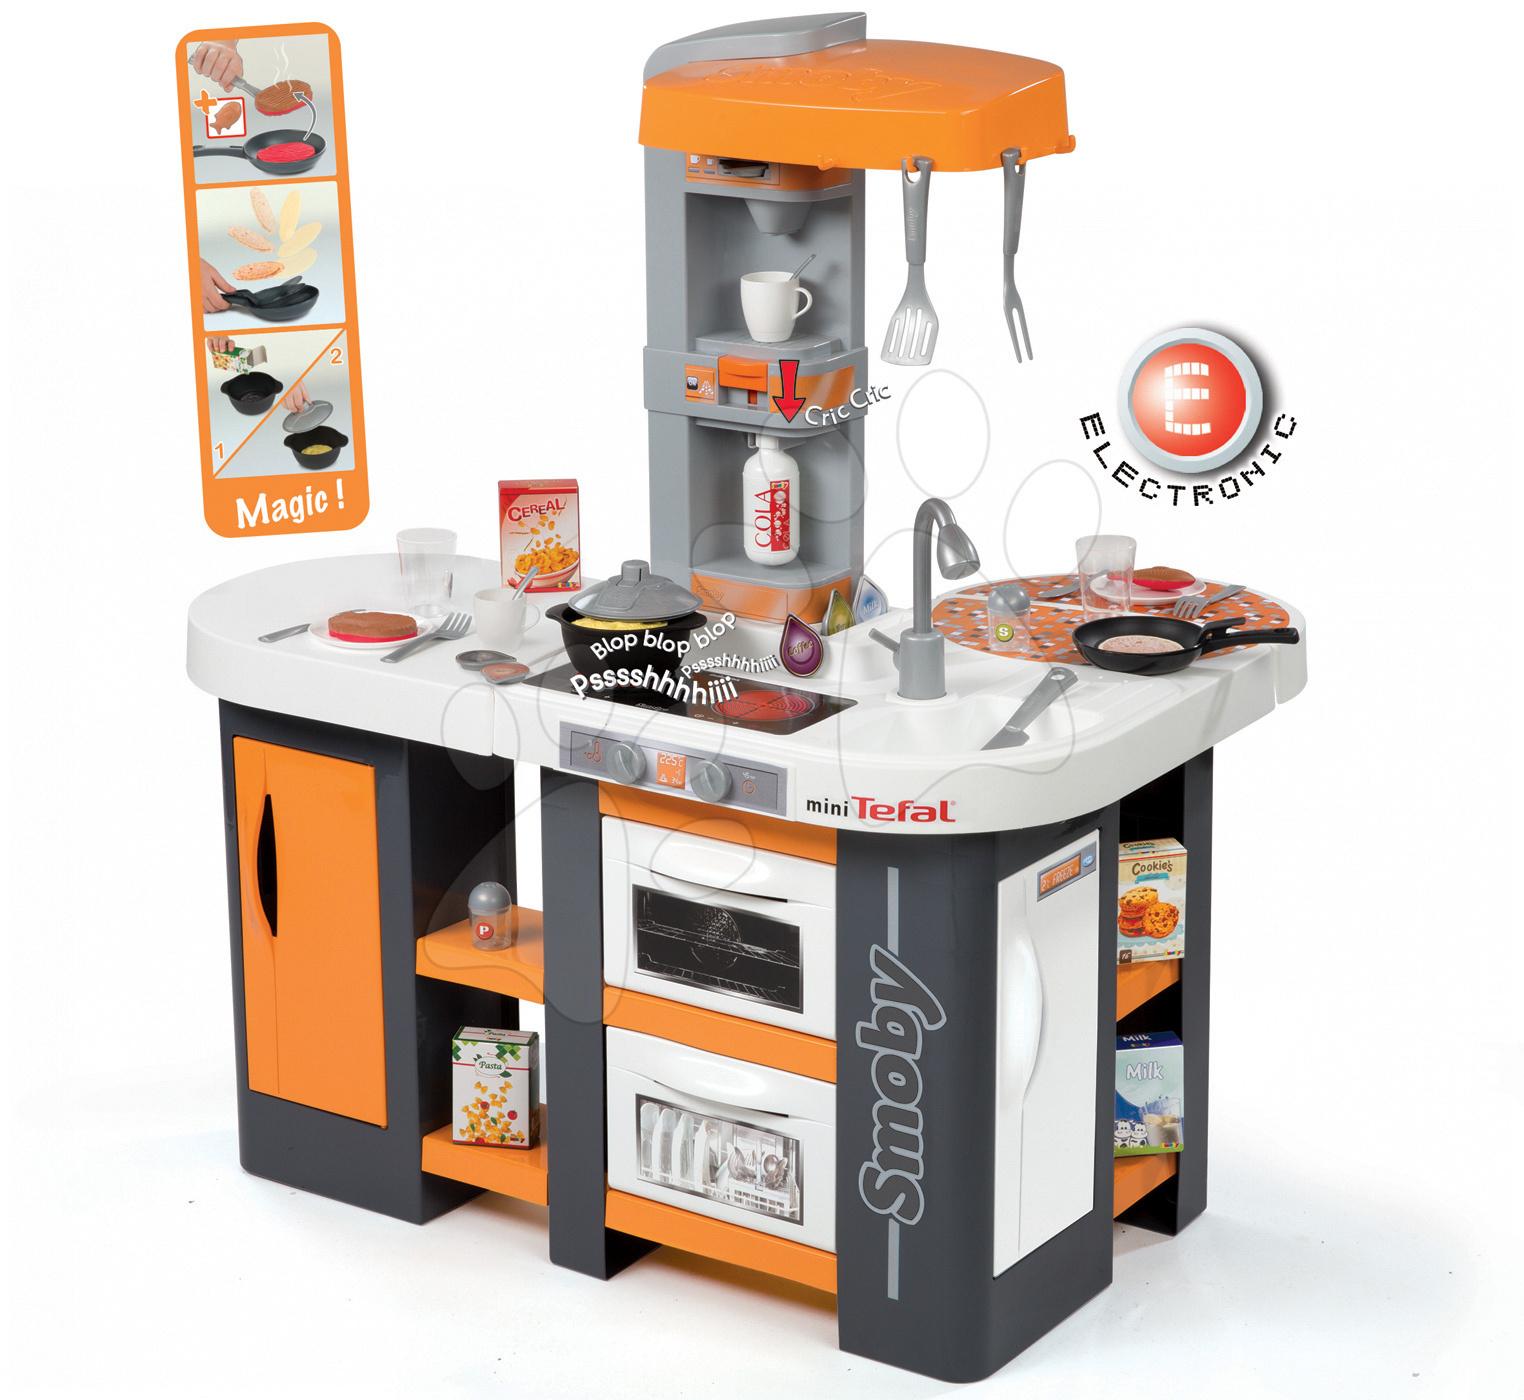 Kuchyňka Tefal Studio XL elektronická Smoby se zvuky, s jídelnou a lednicí, 36 doplňků